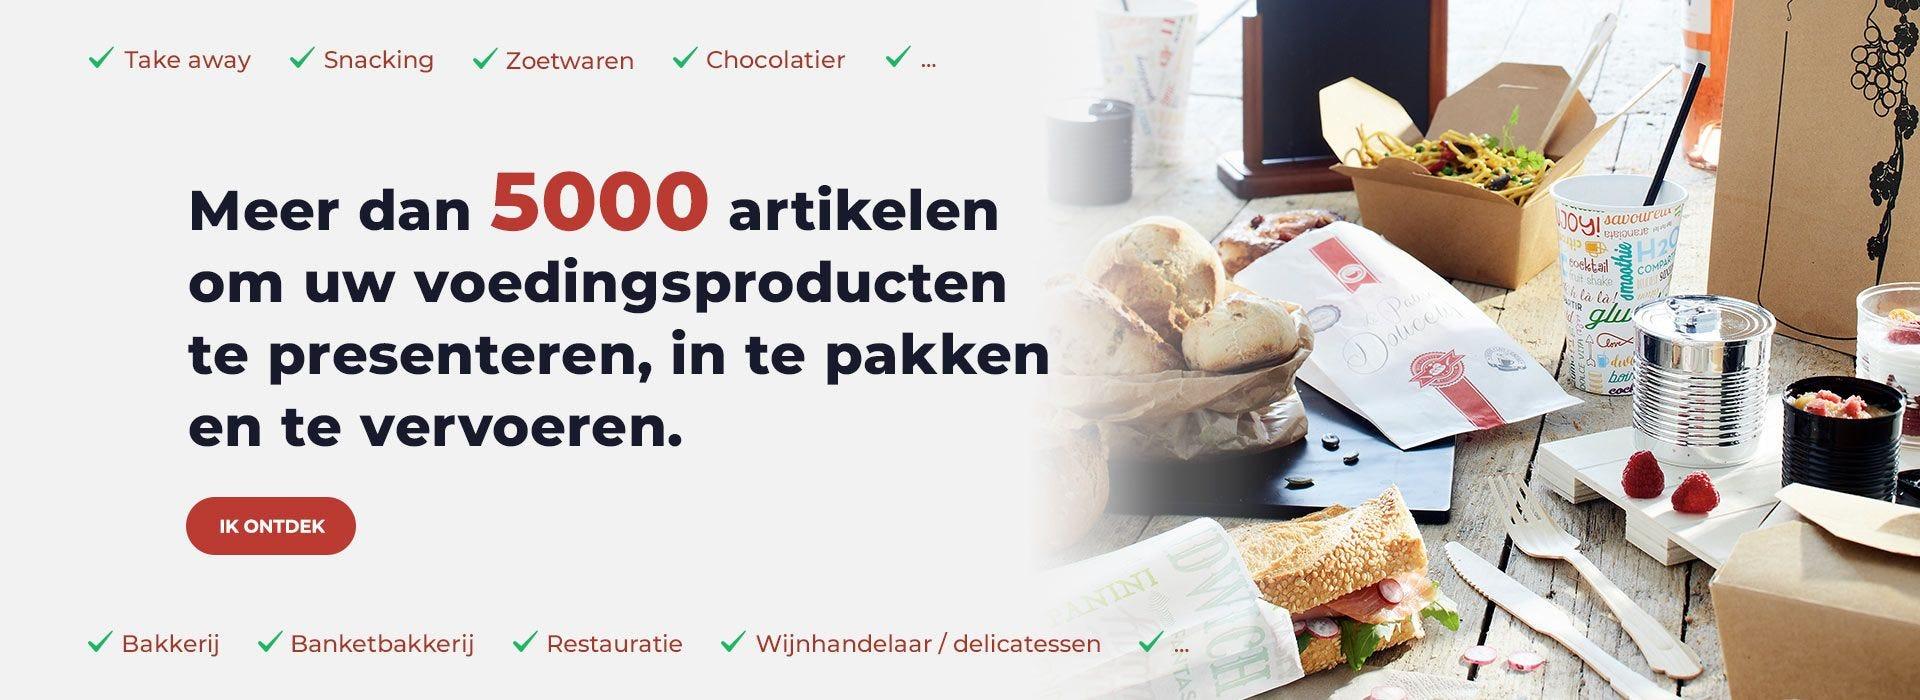 Meer dan 5000 artikelen om uw voedingsproducten te presenteren, in te pakken en te vervoeren